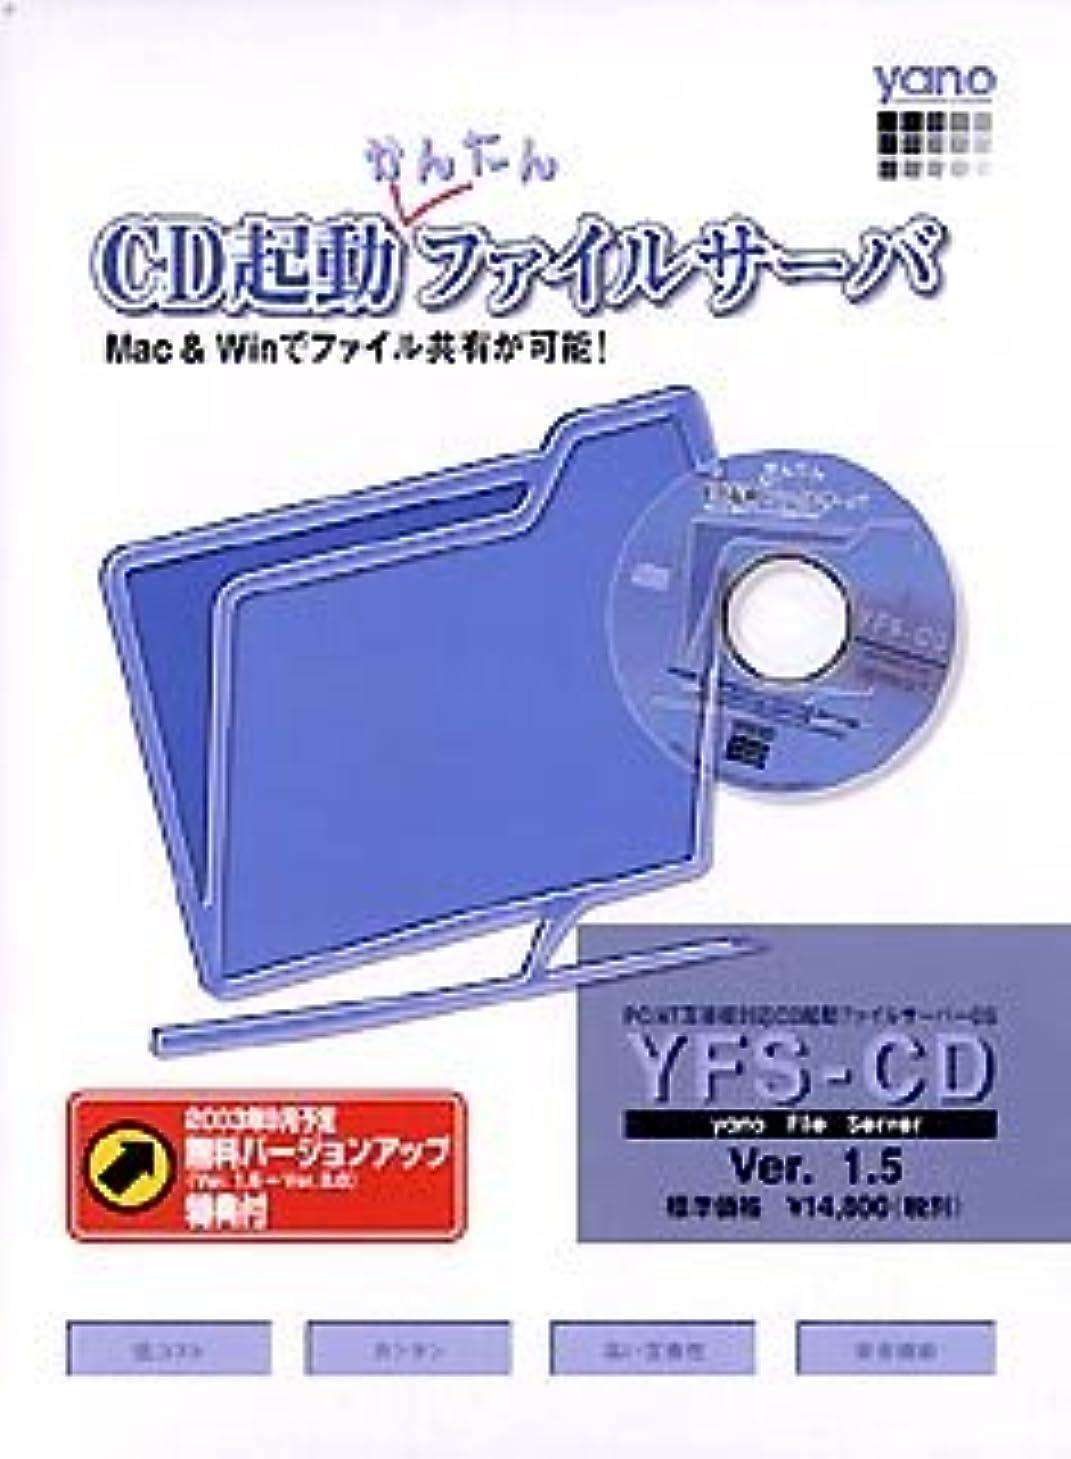 ネイティブ果てしない矛盾YFS-CD Ver1.5 Ver2.0無料バージョンアップ特典付